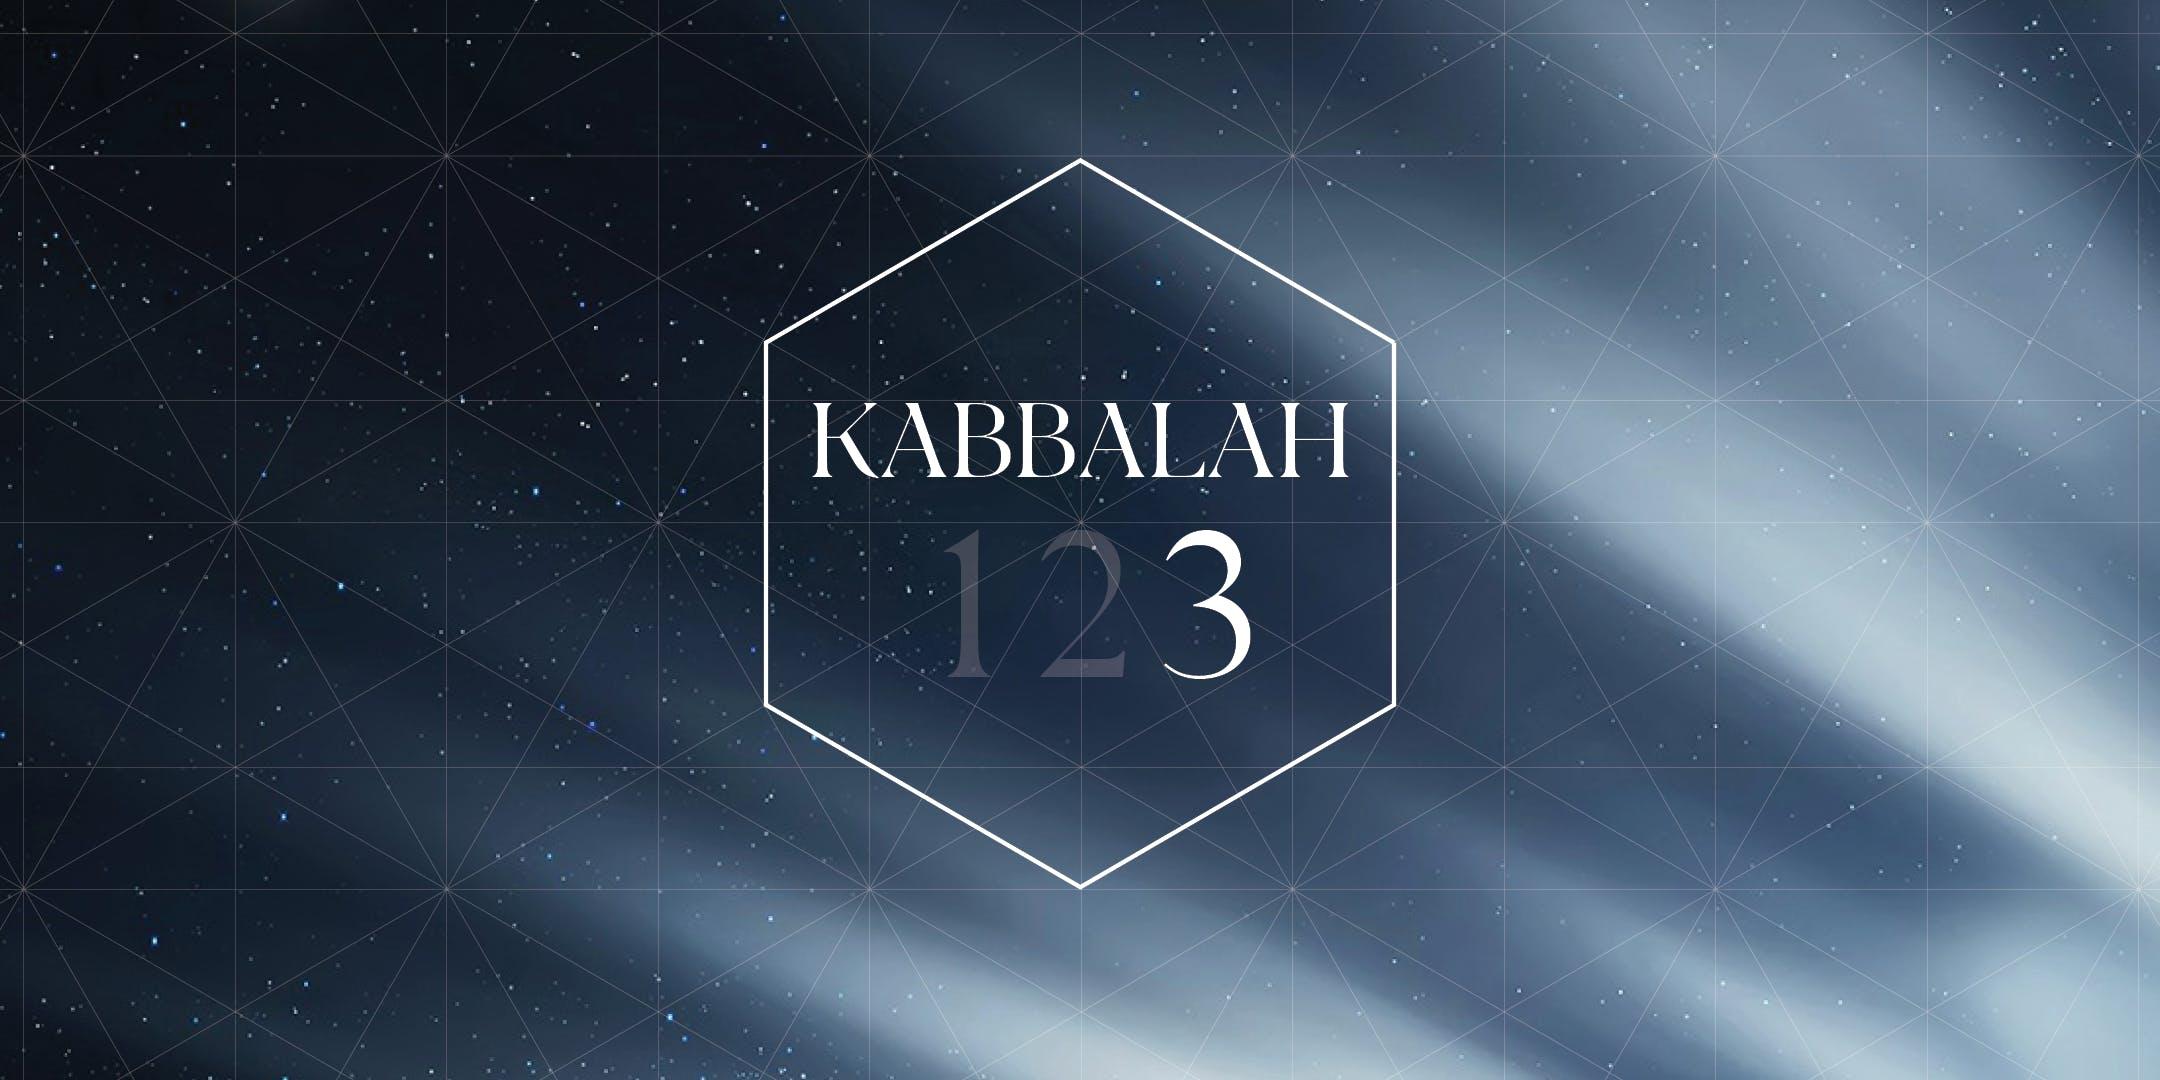 O Poder da Kabbalah 3 | RJ